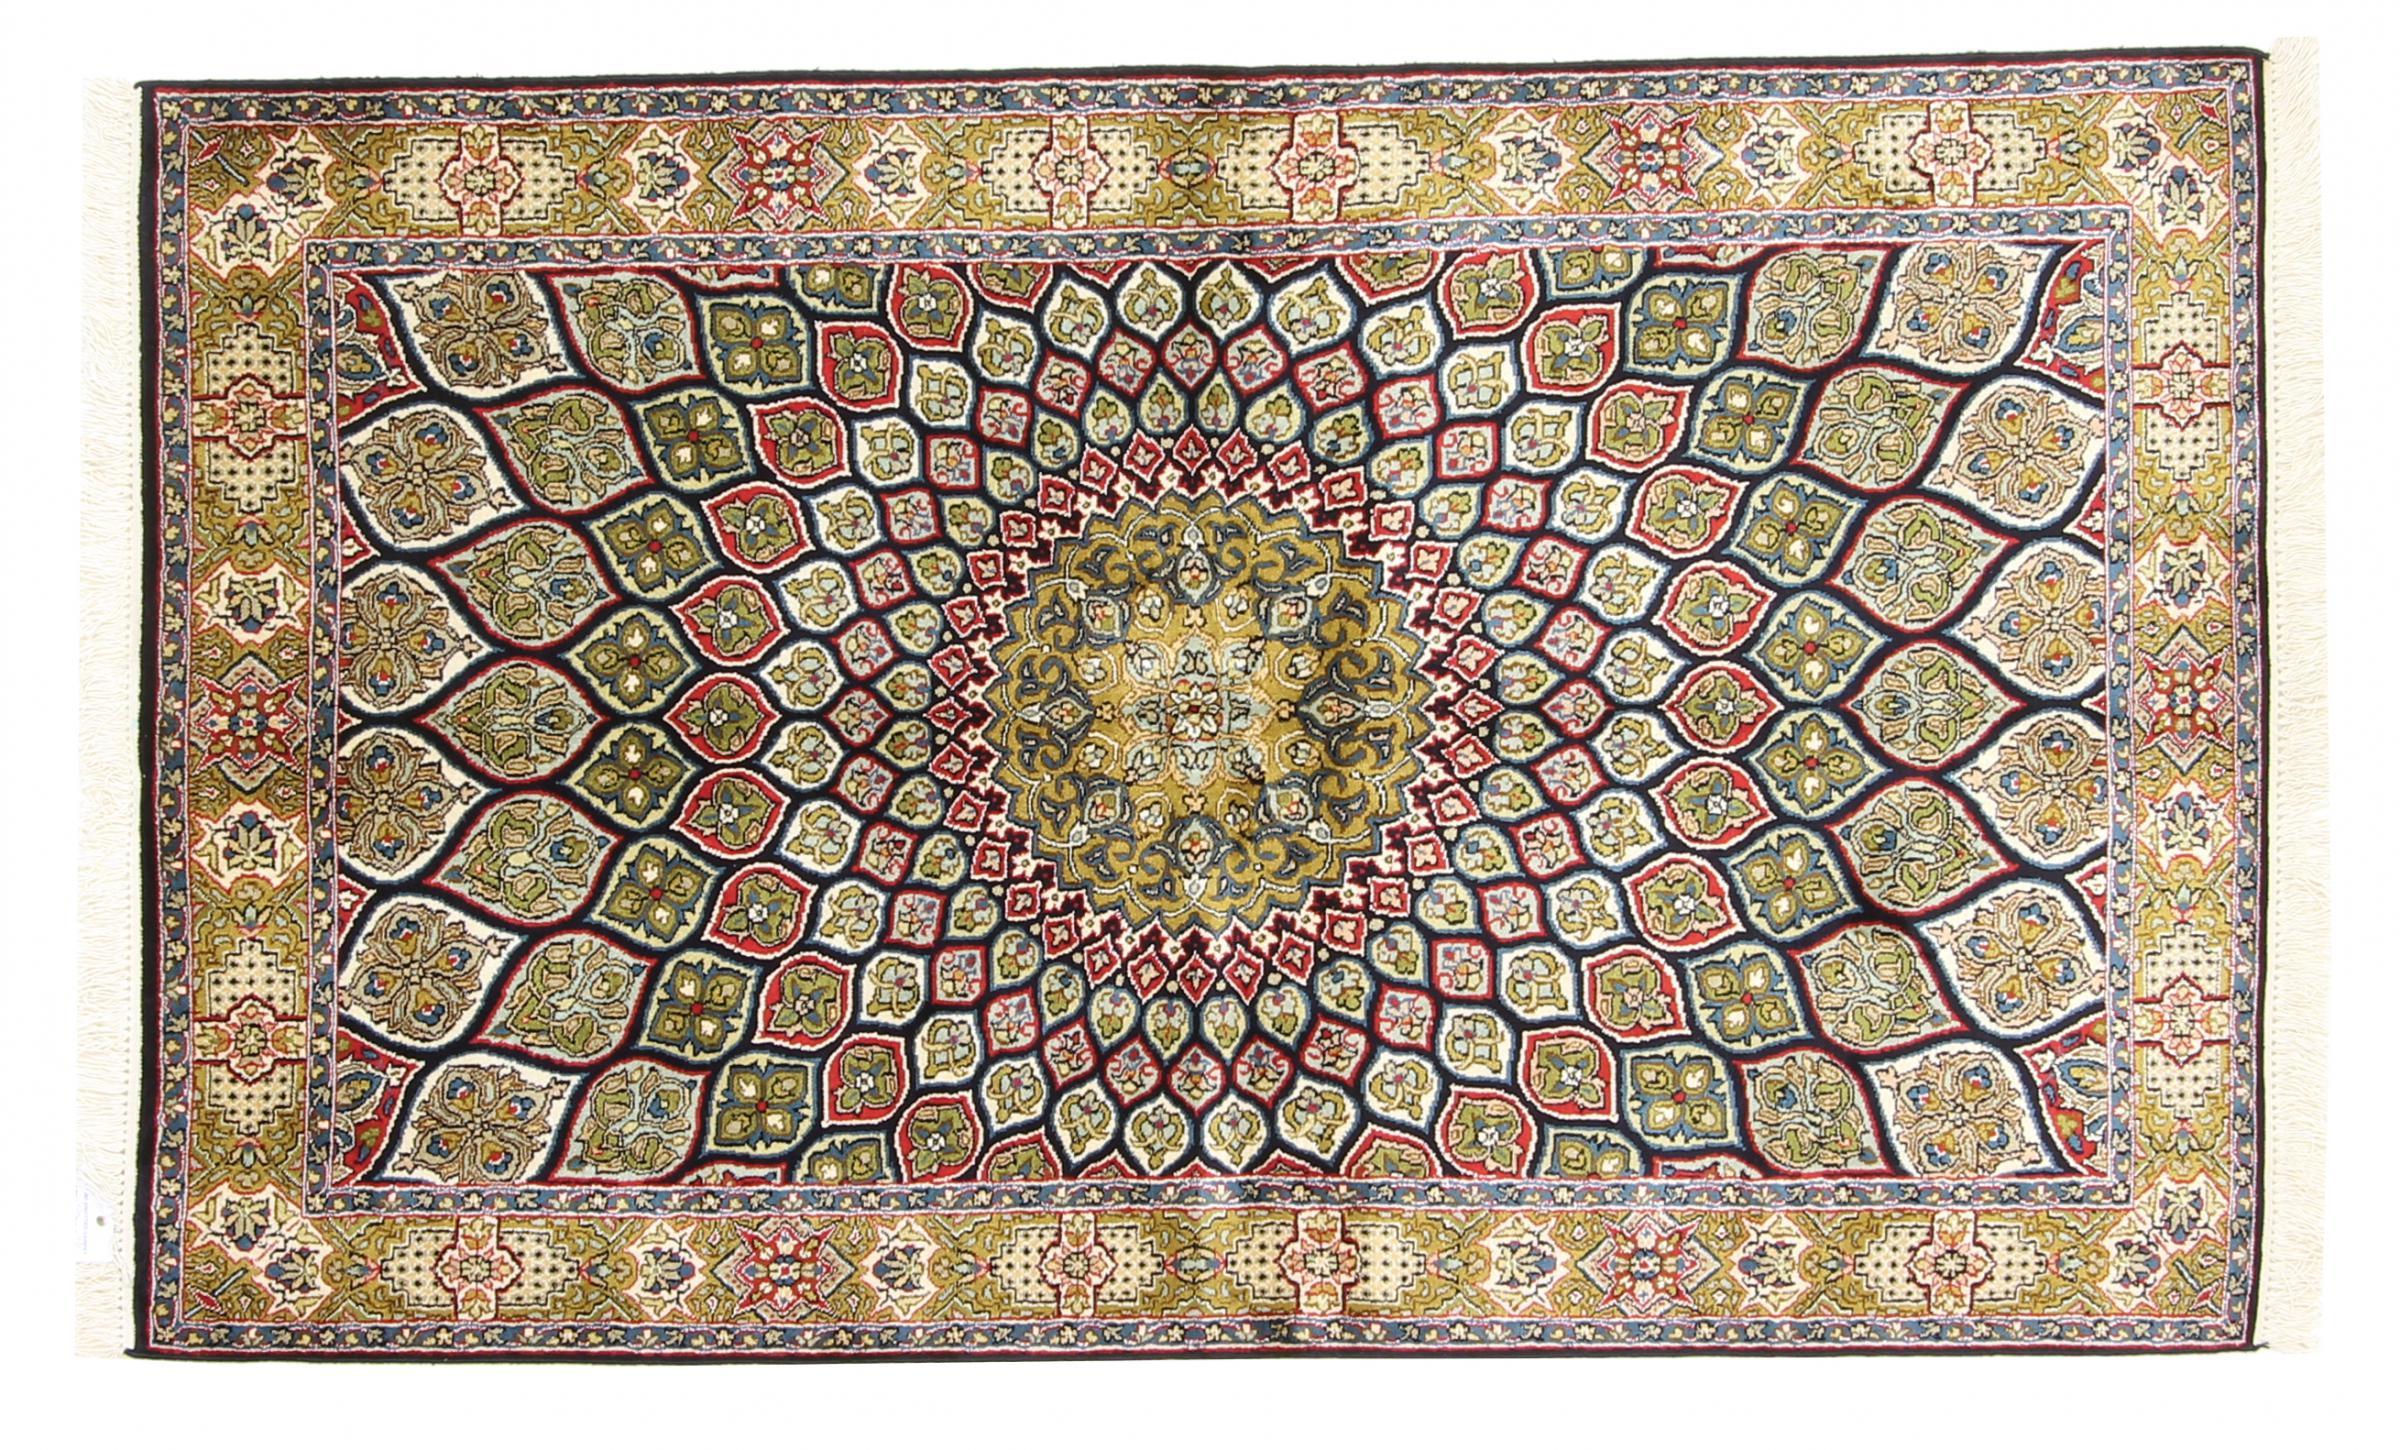 kaschmir reine seide indischer teppich 153x93 id33747. Black Bedroom Furniture Sets. Home Design Ideas